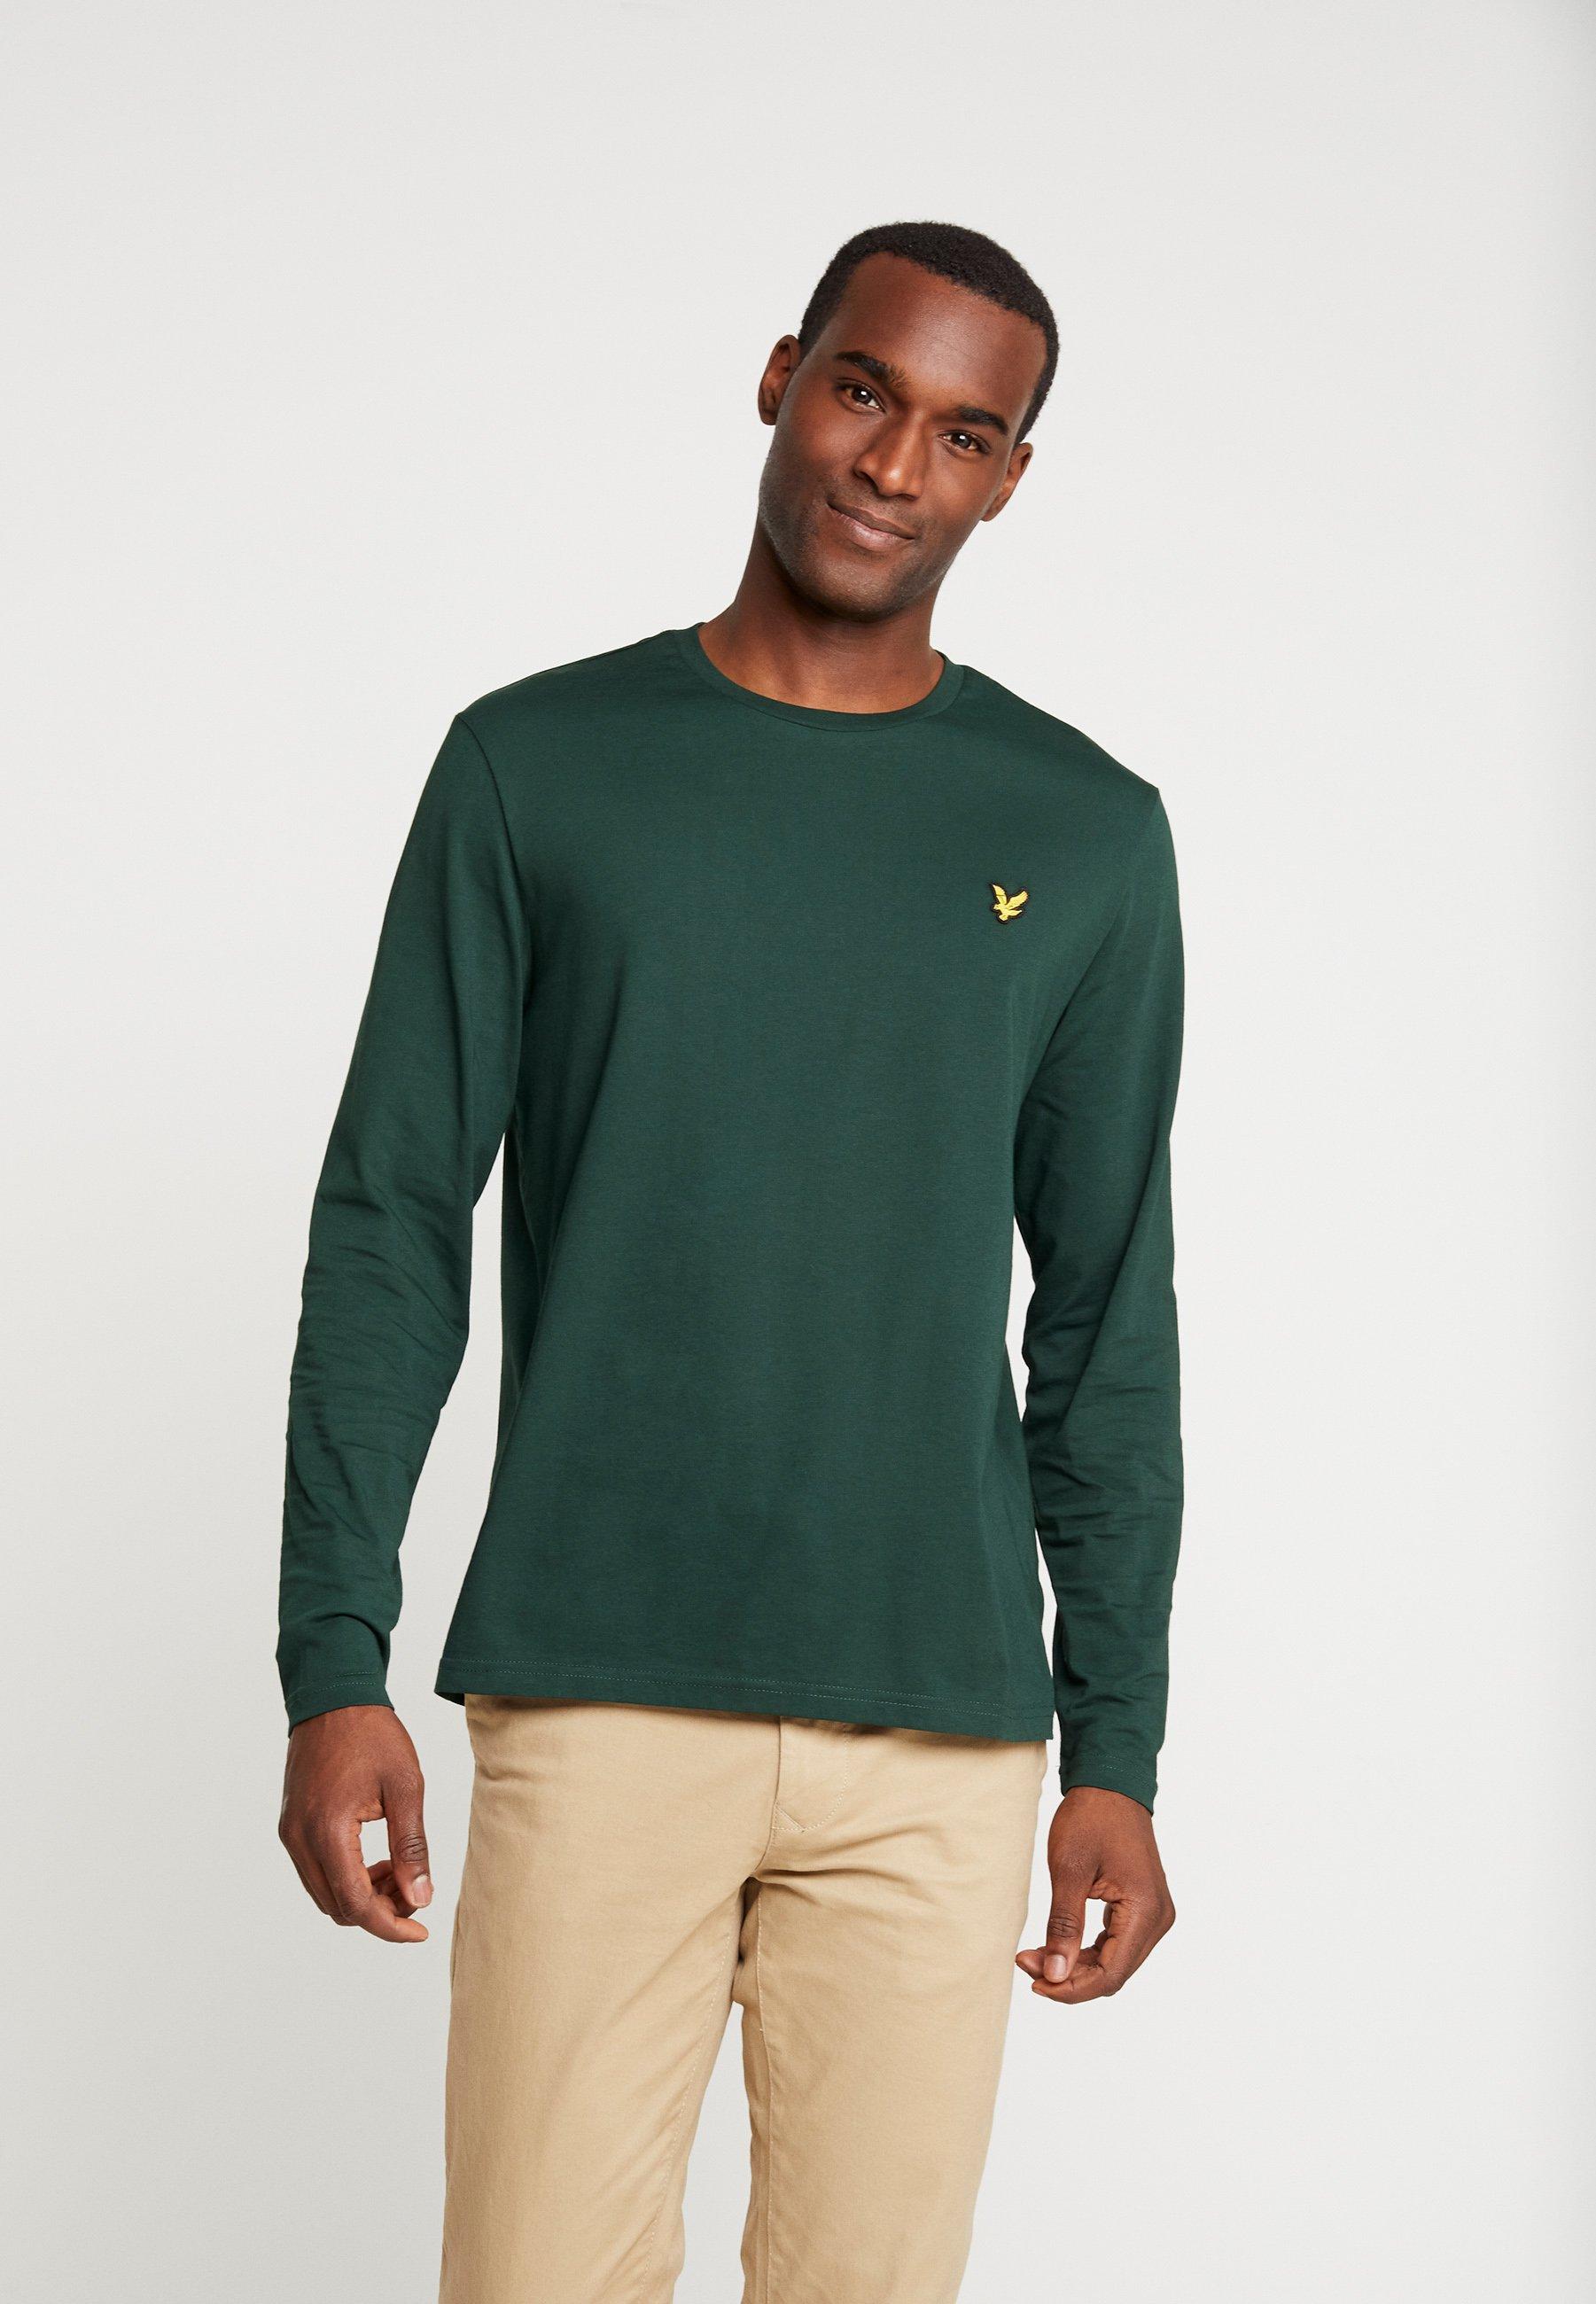 Neck À Longues Crew Jade Manches Green PlainT shirt Scott Lyleamp; 9IWD2HE